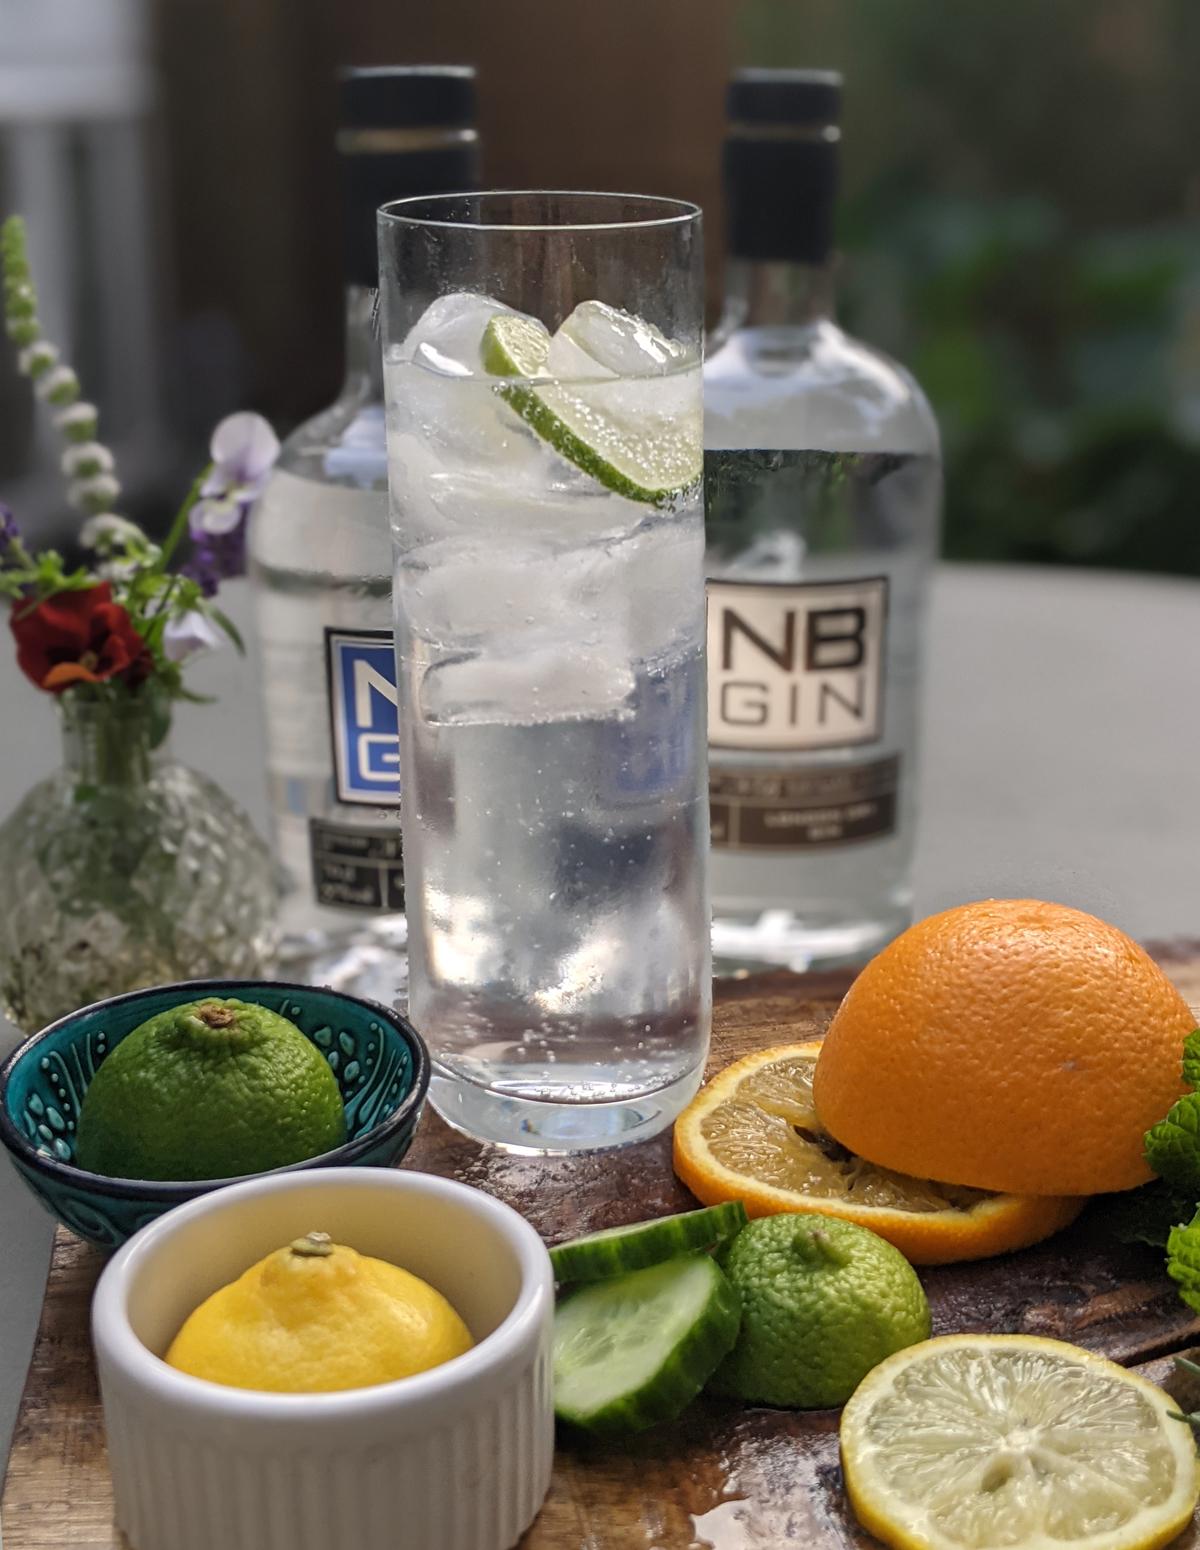 Gin Garnish - lime